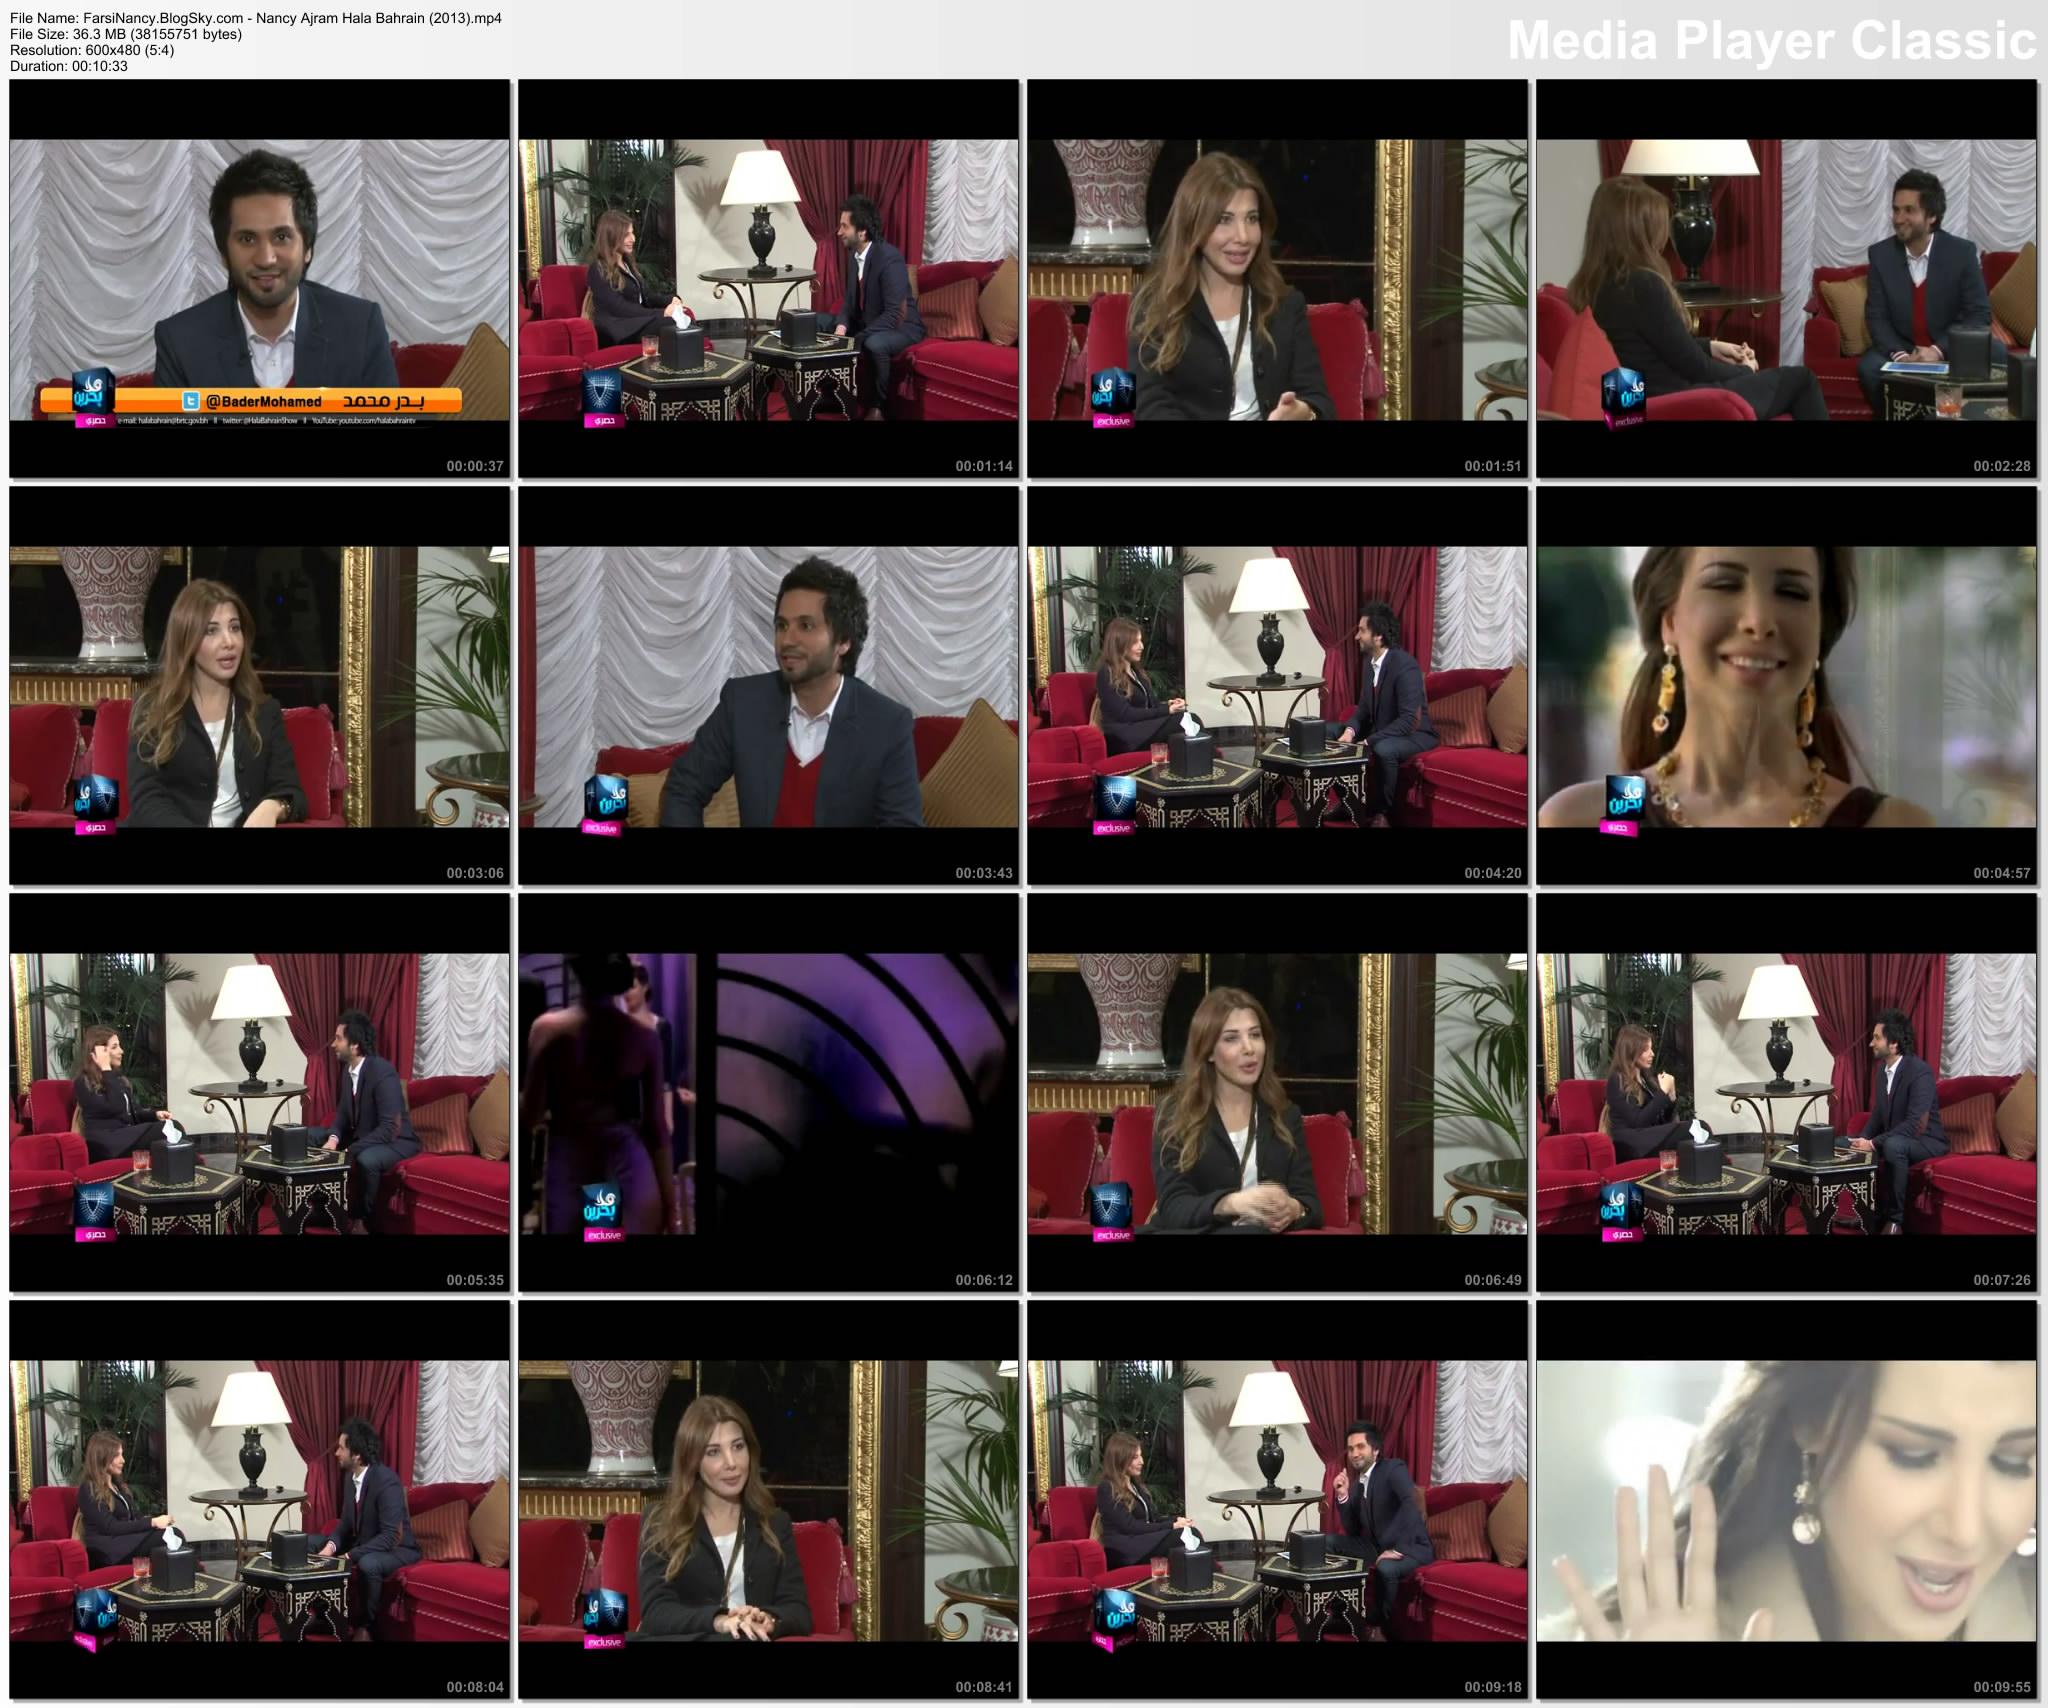 دانلود ویدیو مصاحبه ی نانسی عجرم در برنامه هلا در بحرین 2013